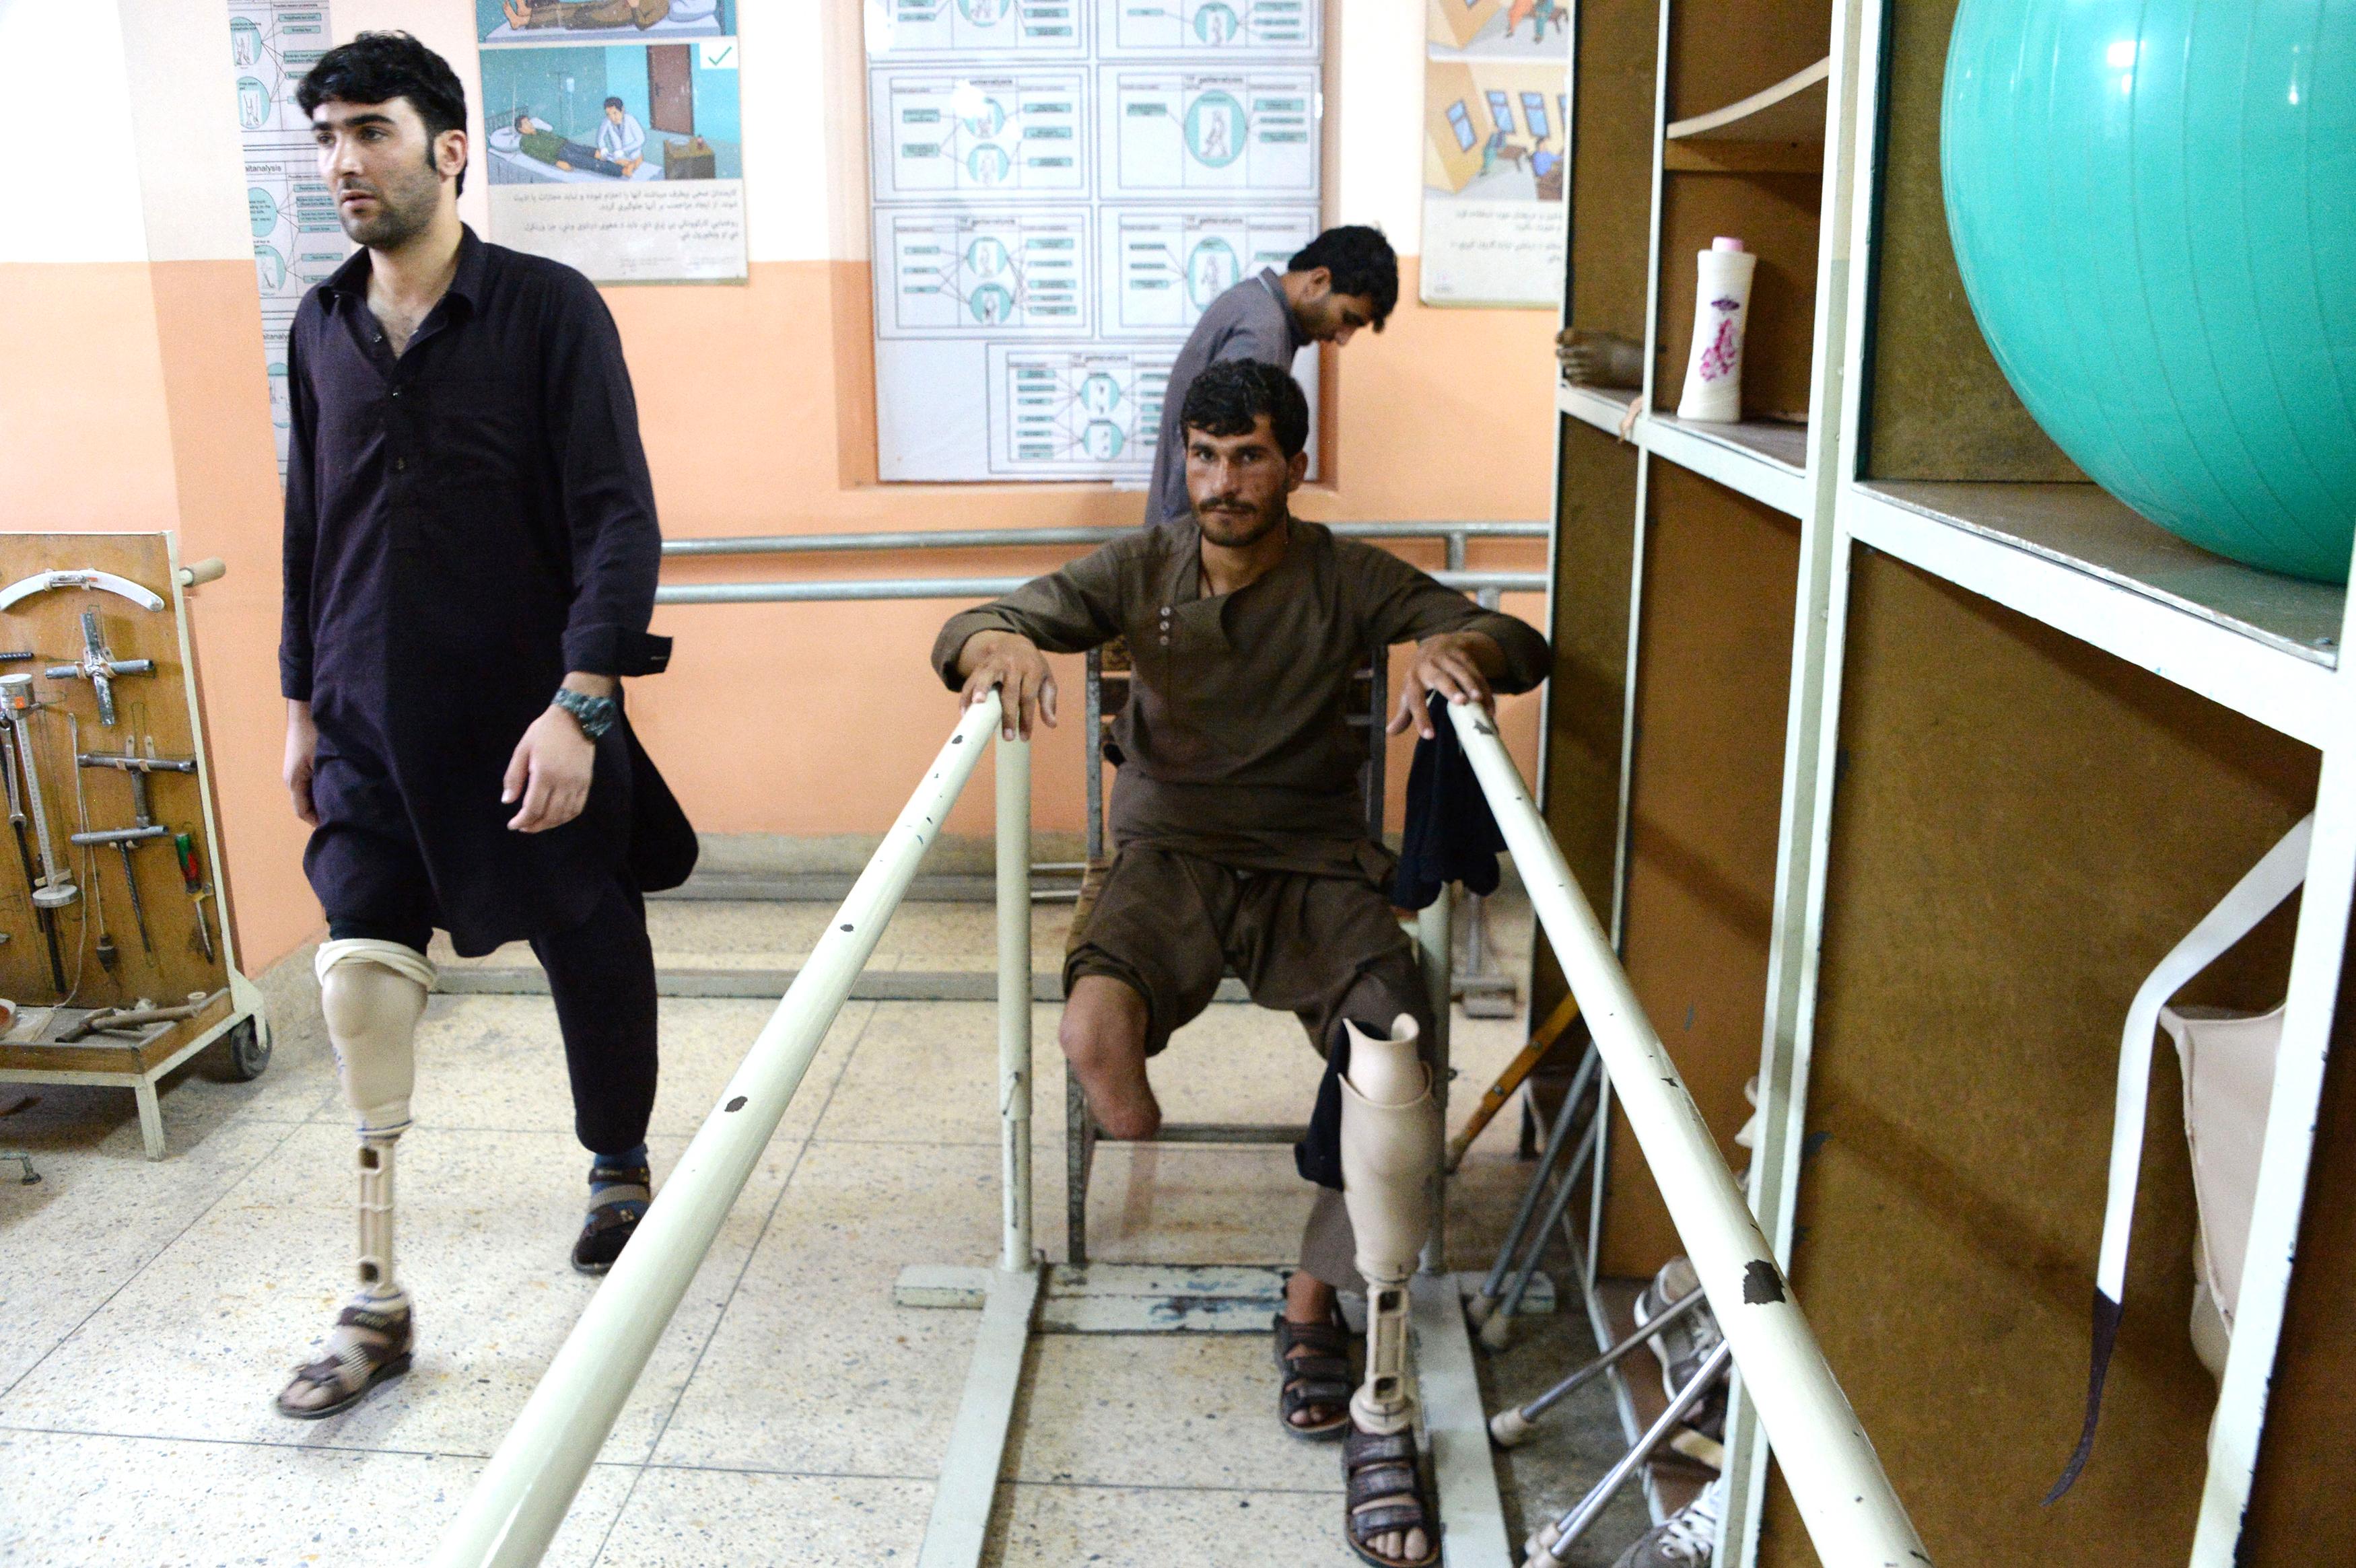 عامو خلکو په افغانستان کې د سره صلیب د کار په بندېدو اندېښنه وښودله